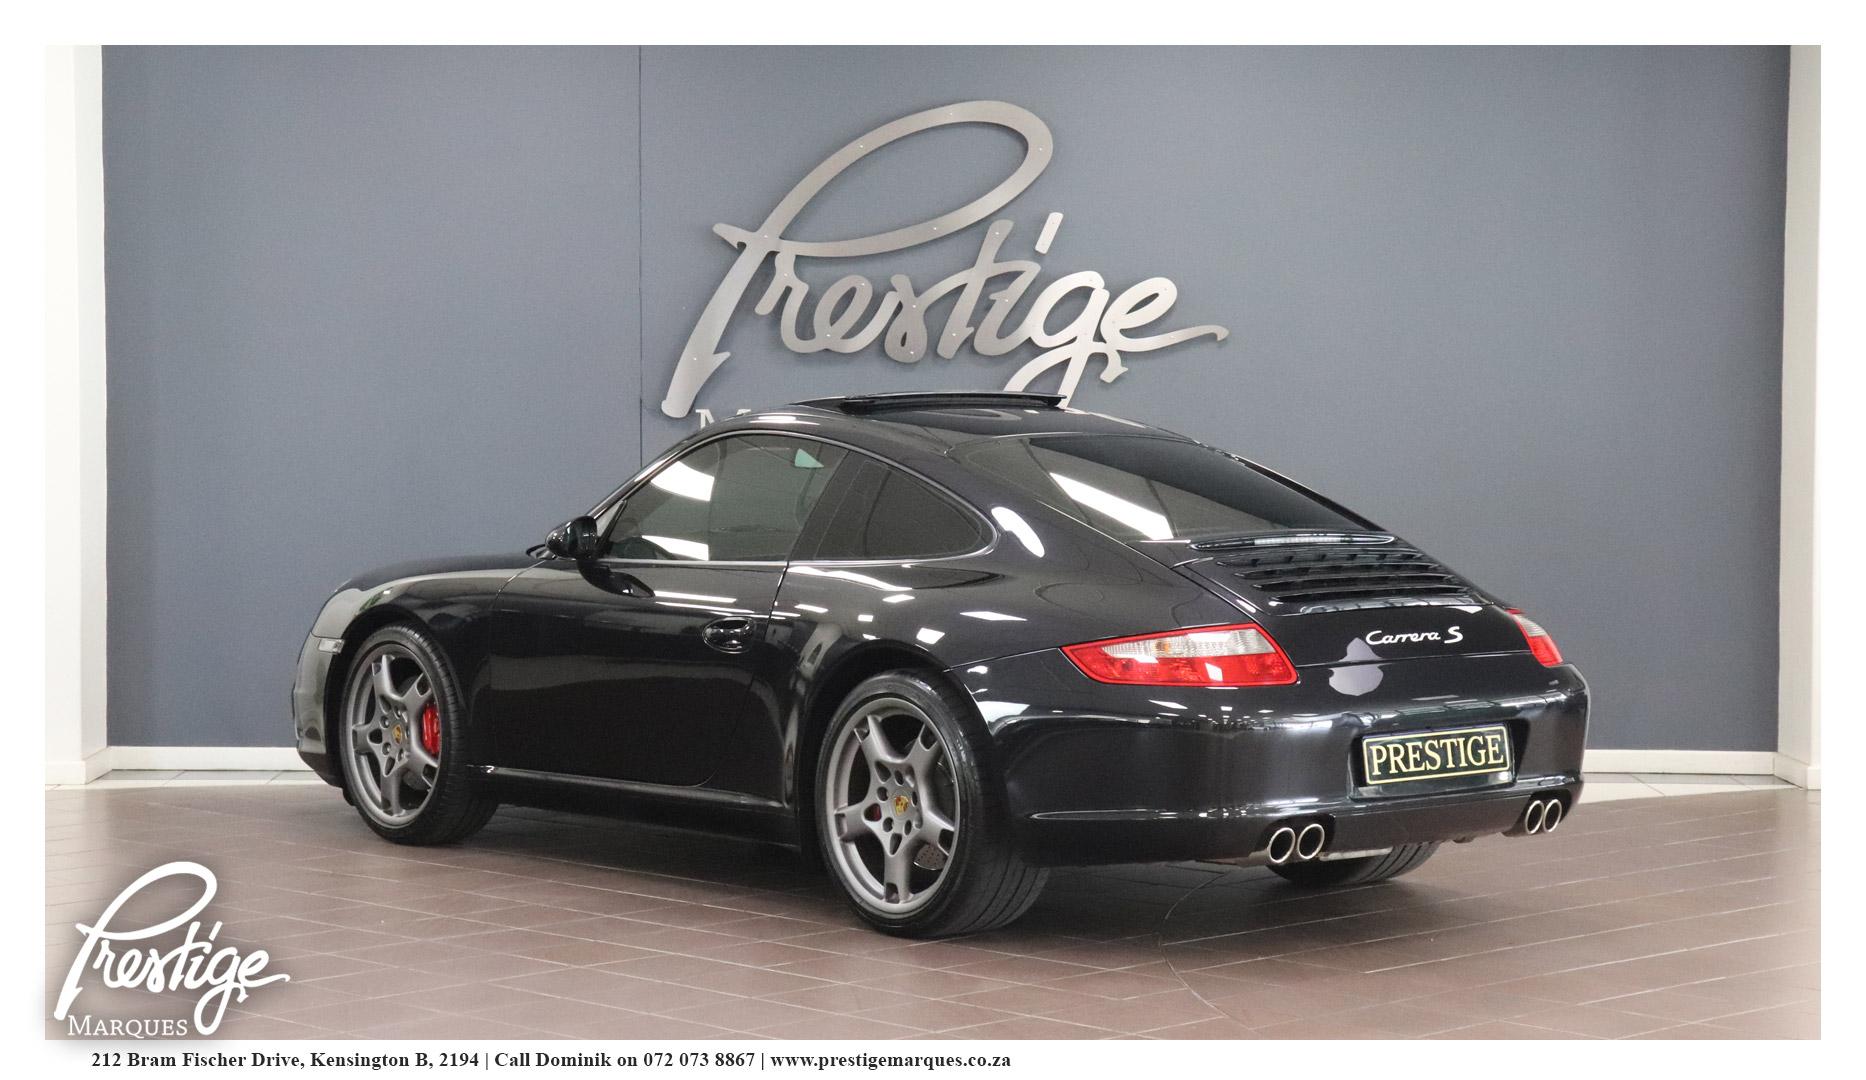 2006-Porsche-911-997-Carrera-S-Manual-Prestige-Marques-Randburg-Sandton-6